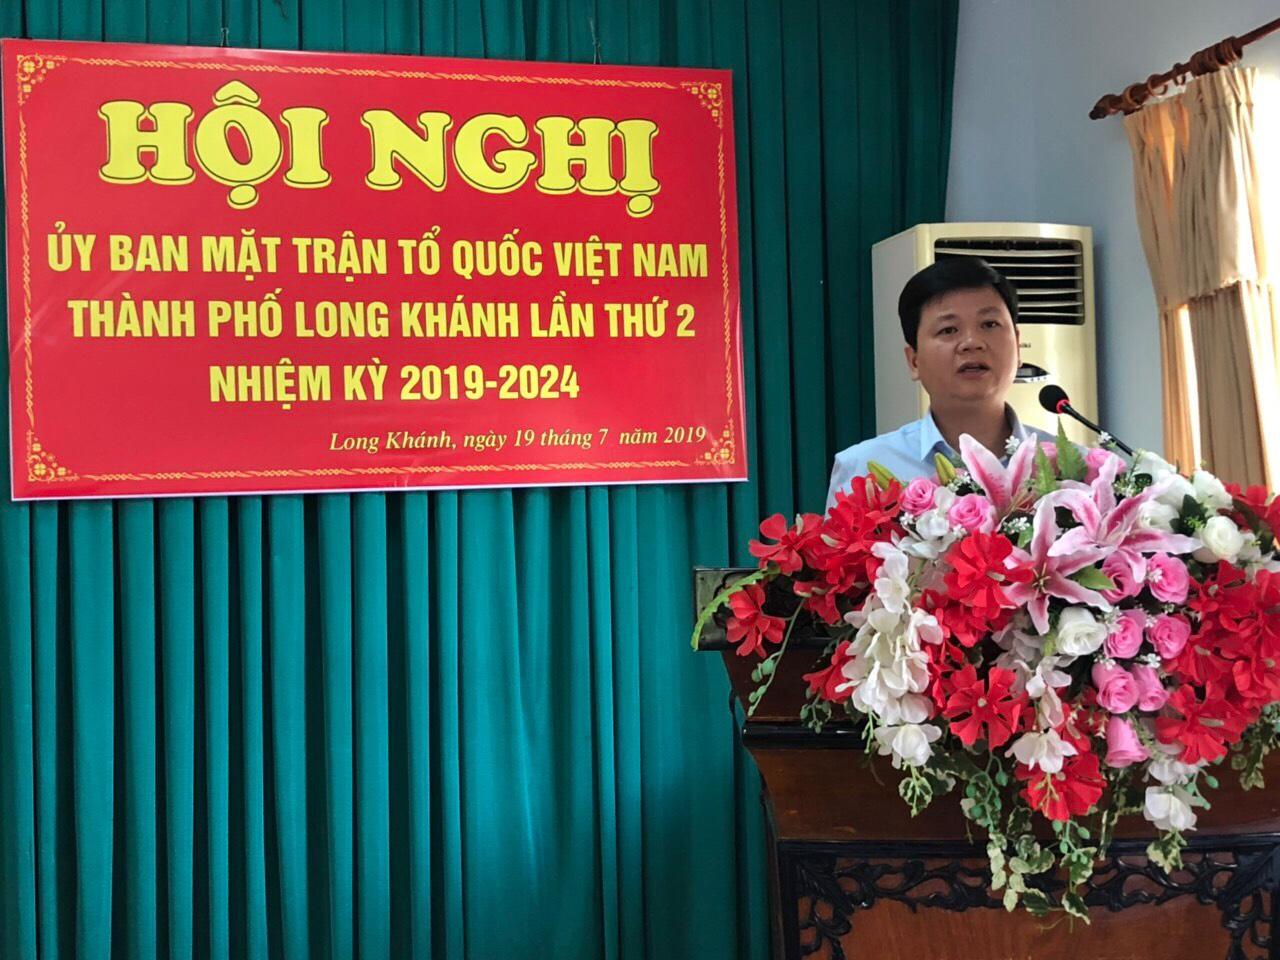 Ủy ban MTTQ Việt Nam thành phố Long Khánh sơ kết công tác 6 tháng đầu năm 2019